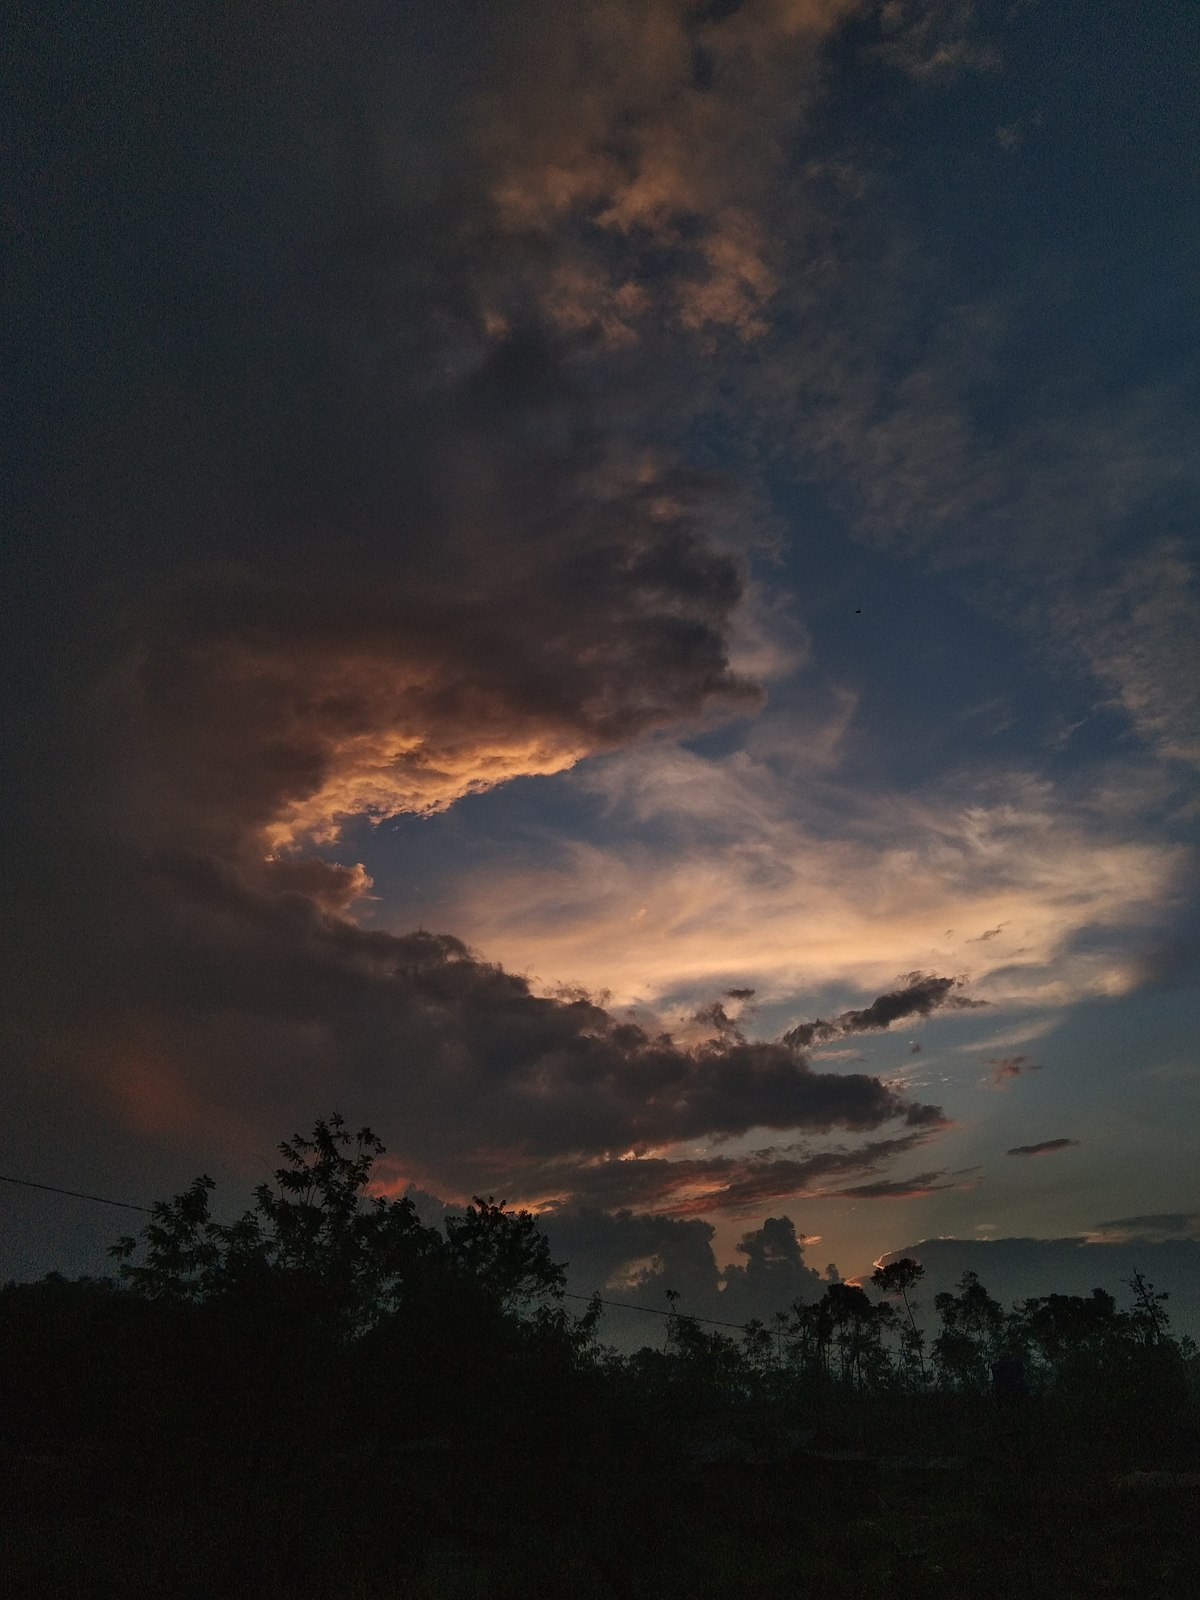 Taman Nasional Bukit Barisan Selatan Wikipedia Bahasa Indonesia Ensiklopedia Bebas